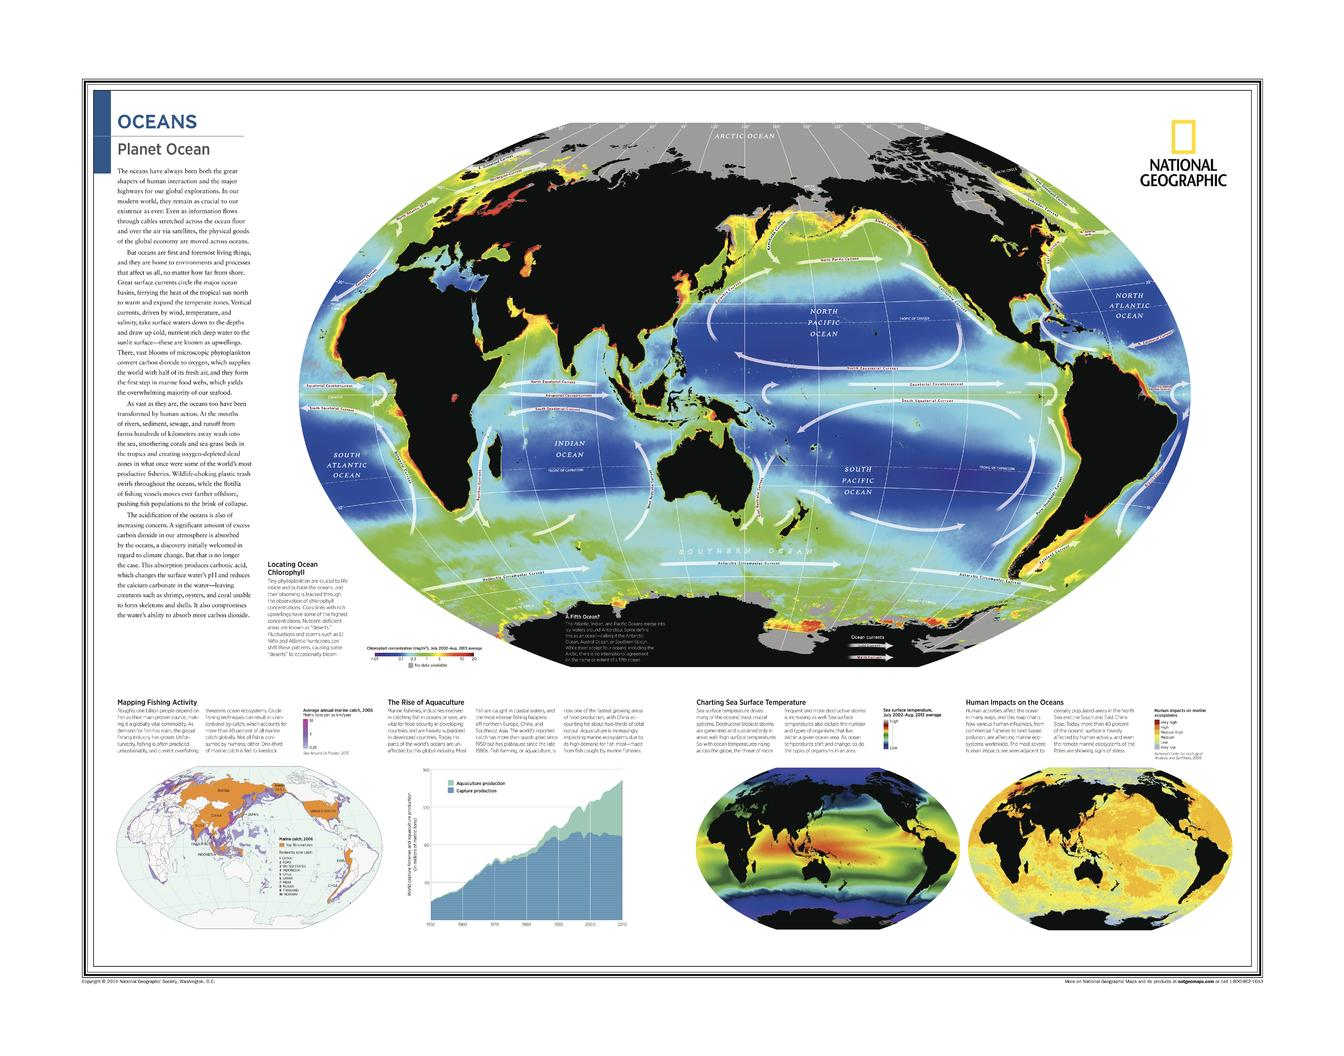 Oceans: Planet Ocean